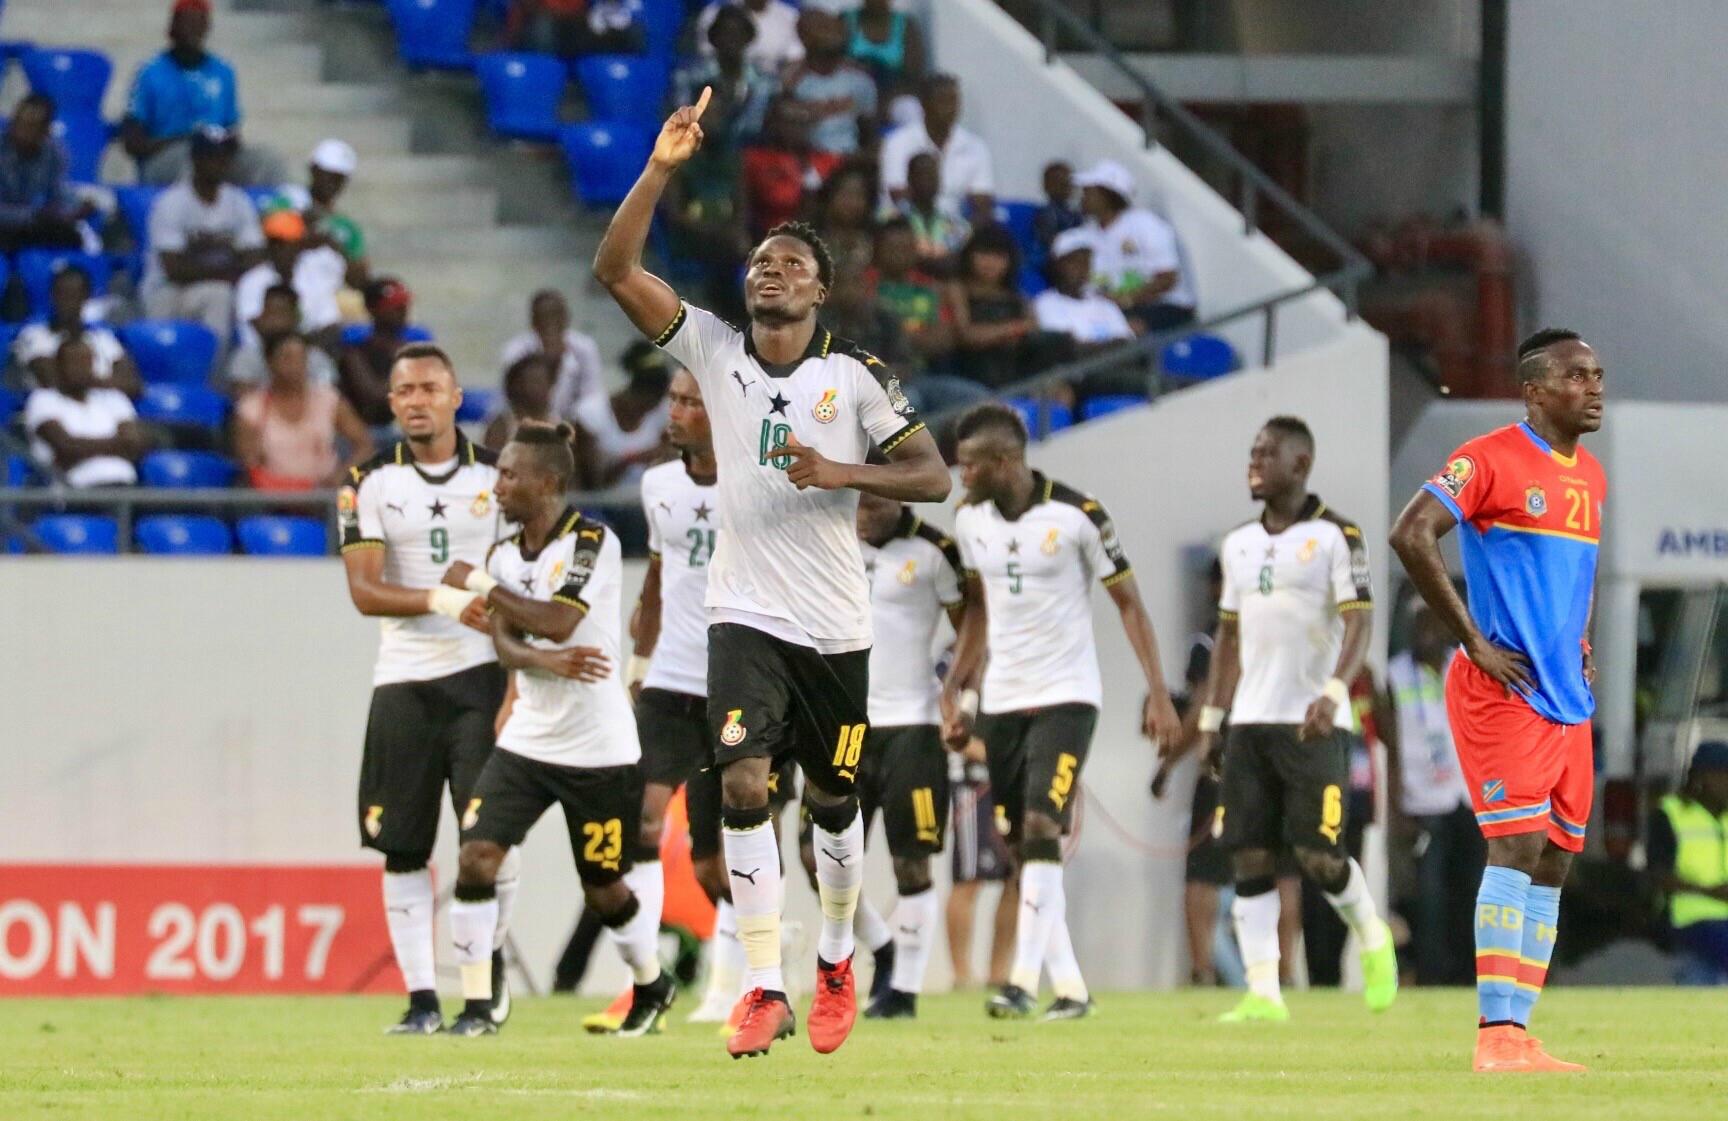 Le Ghana l'a emporté 2-1 sur la RD Congo en quart de finale de la CAN-2107 à Oyem.